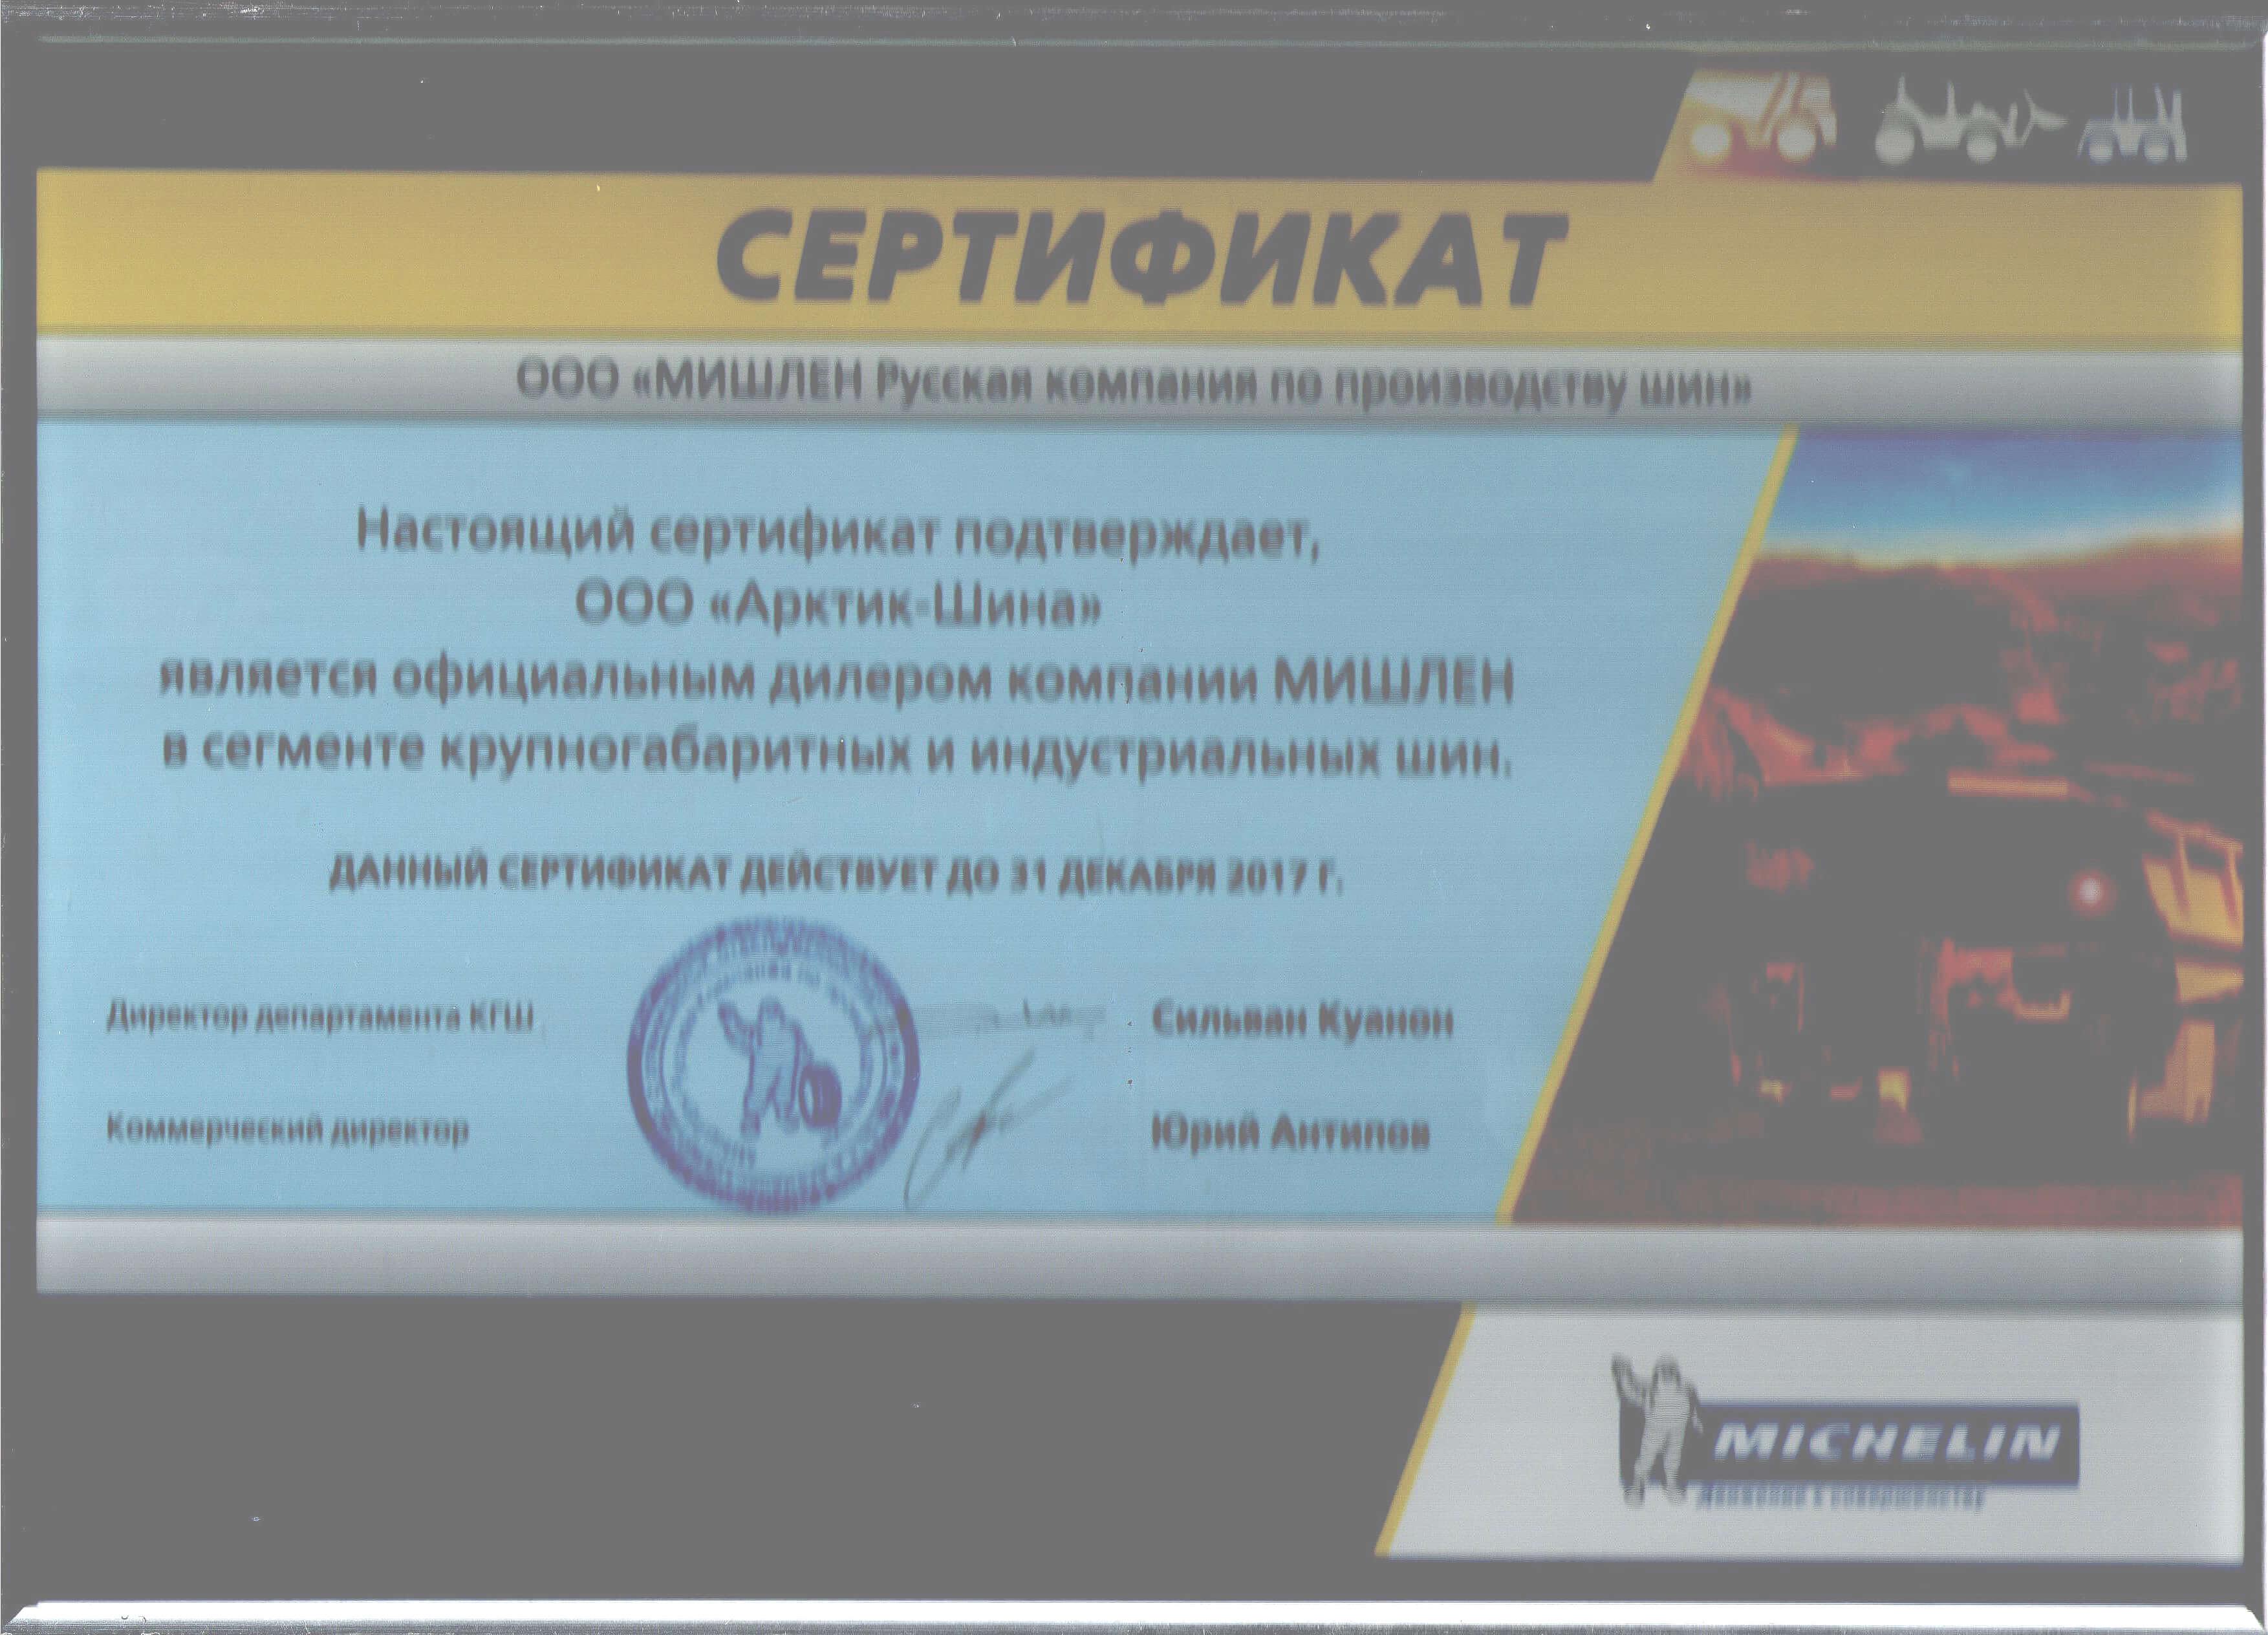 Сертификат КГШ Michelin 2017 001-1